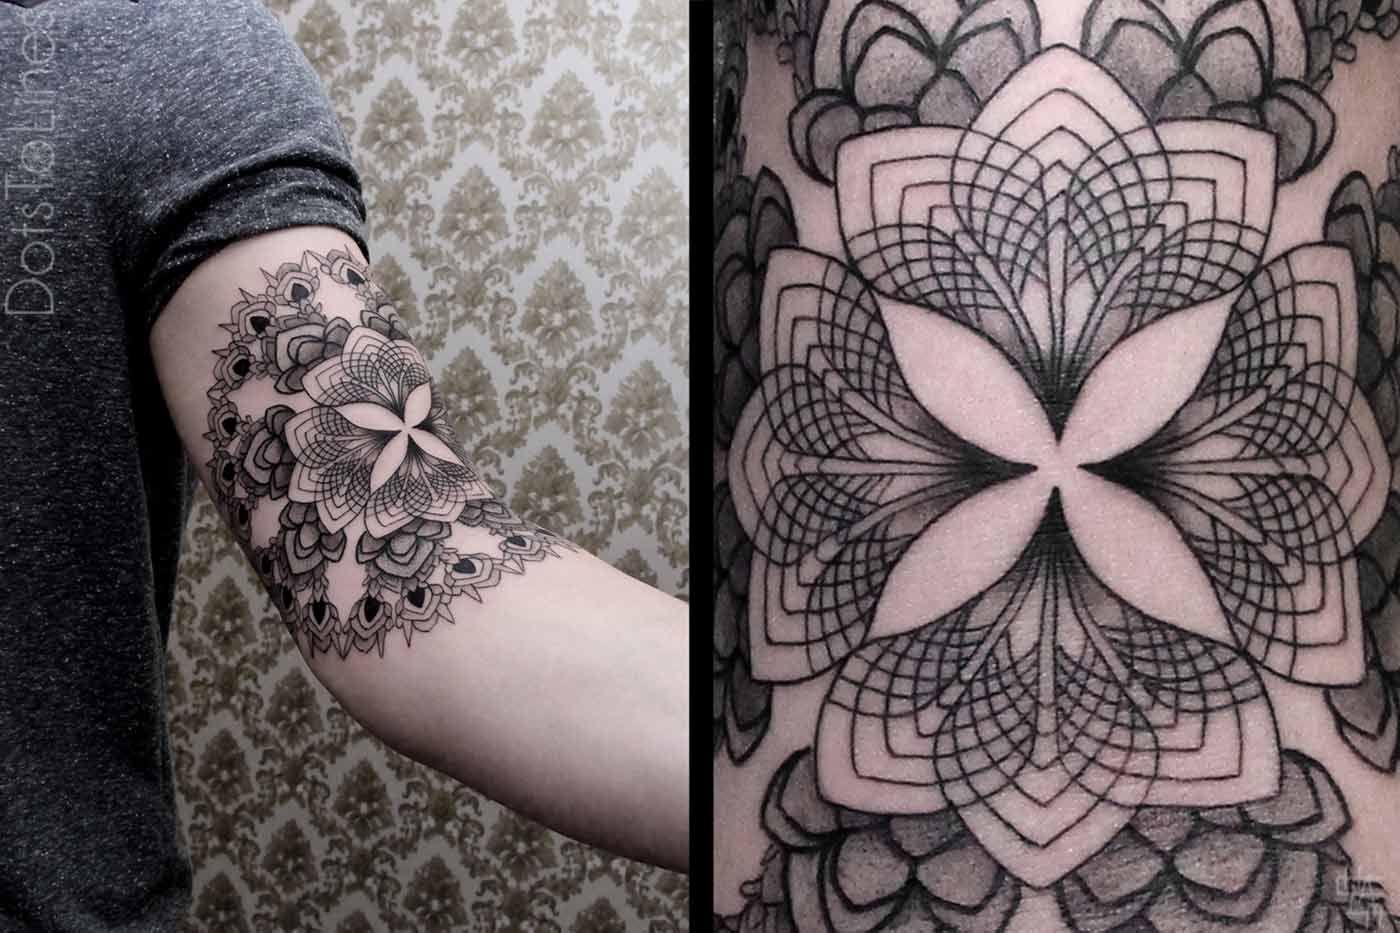 Dots to lines: los 10 mejores tatuajes geométricos de Chaim Machlev : La Niña Bipolar